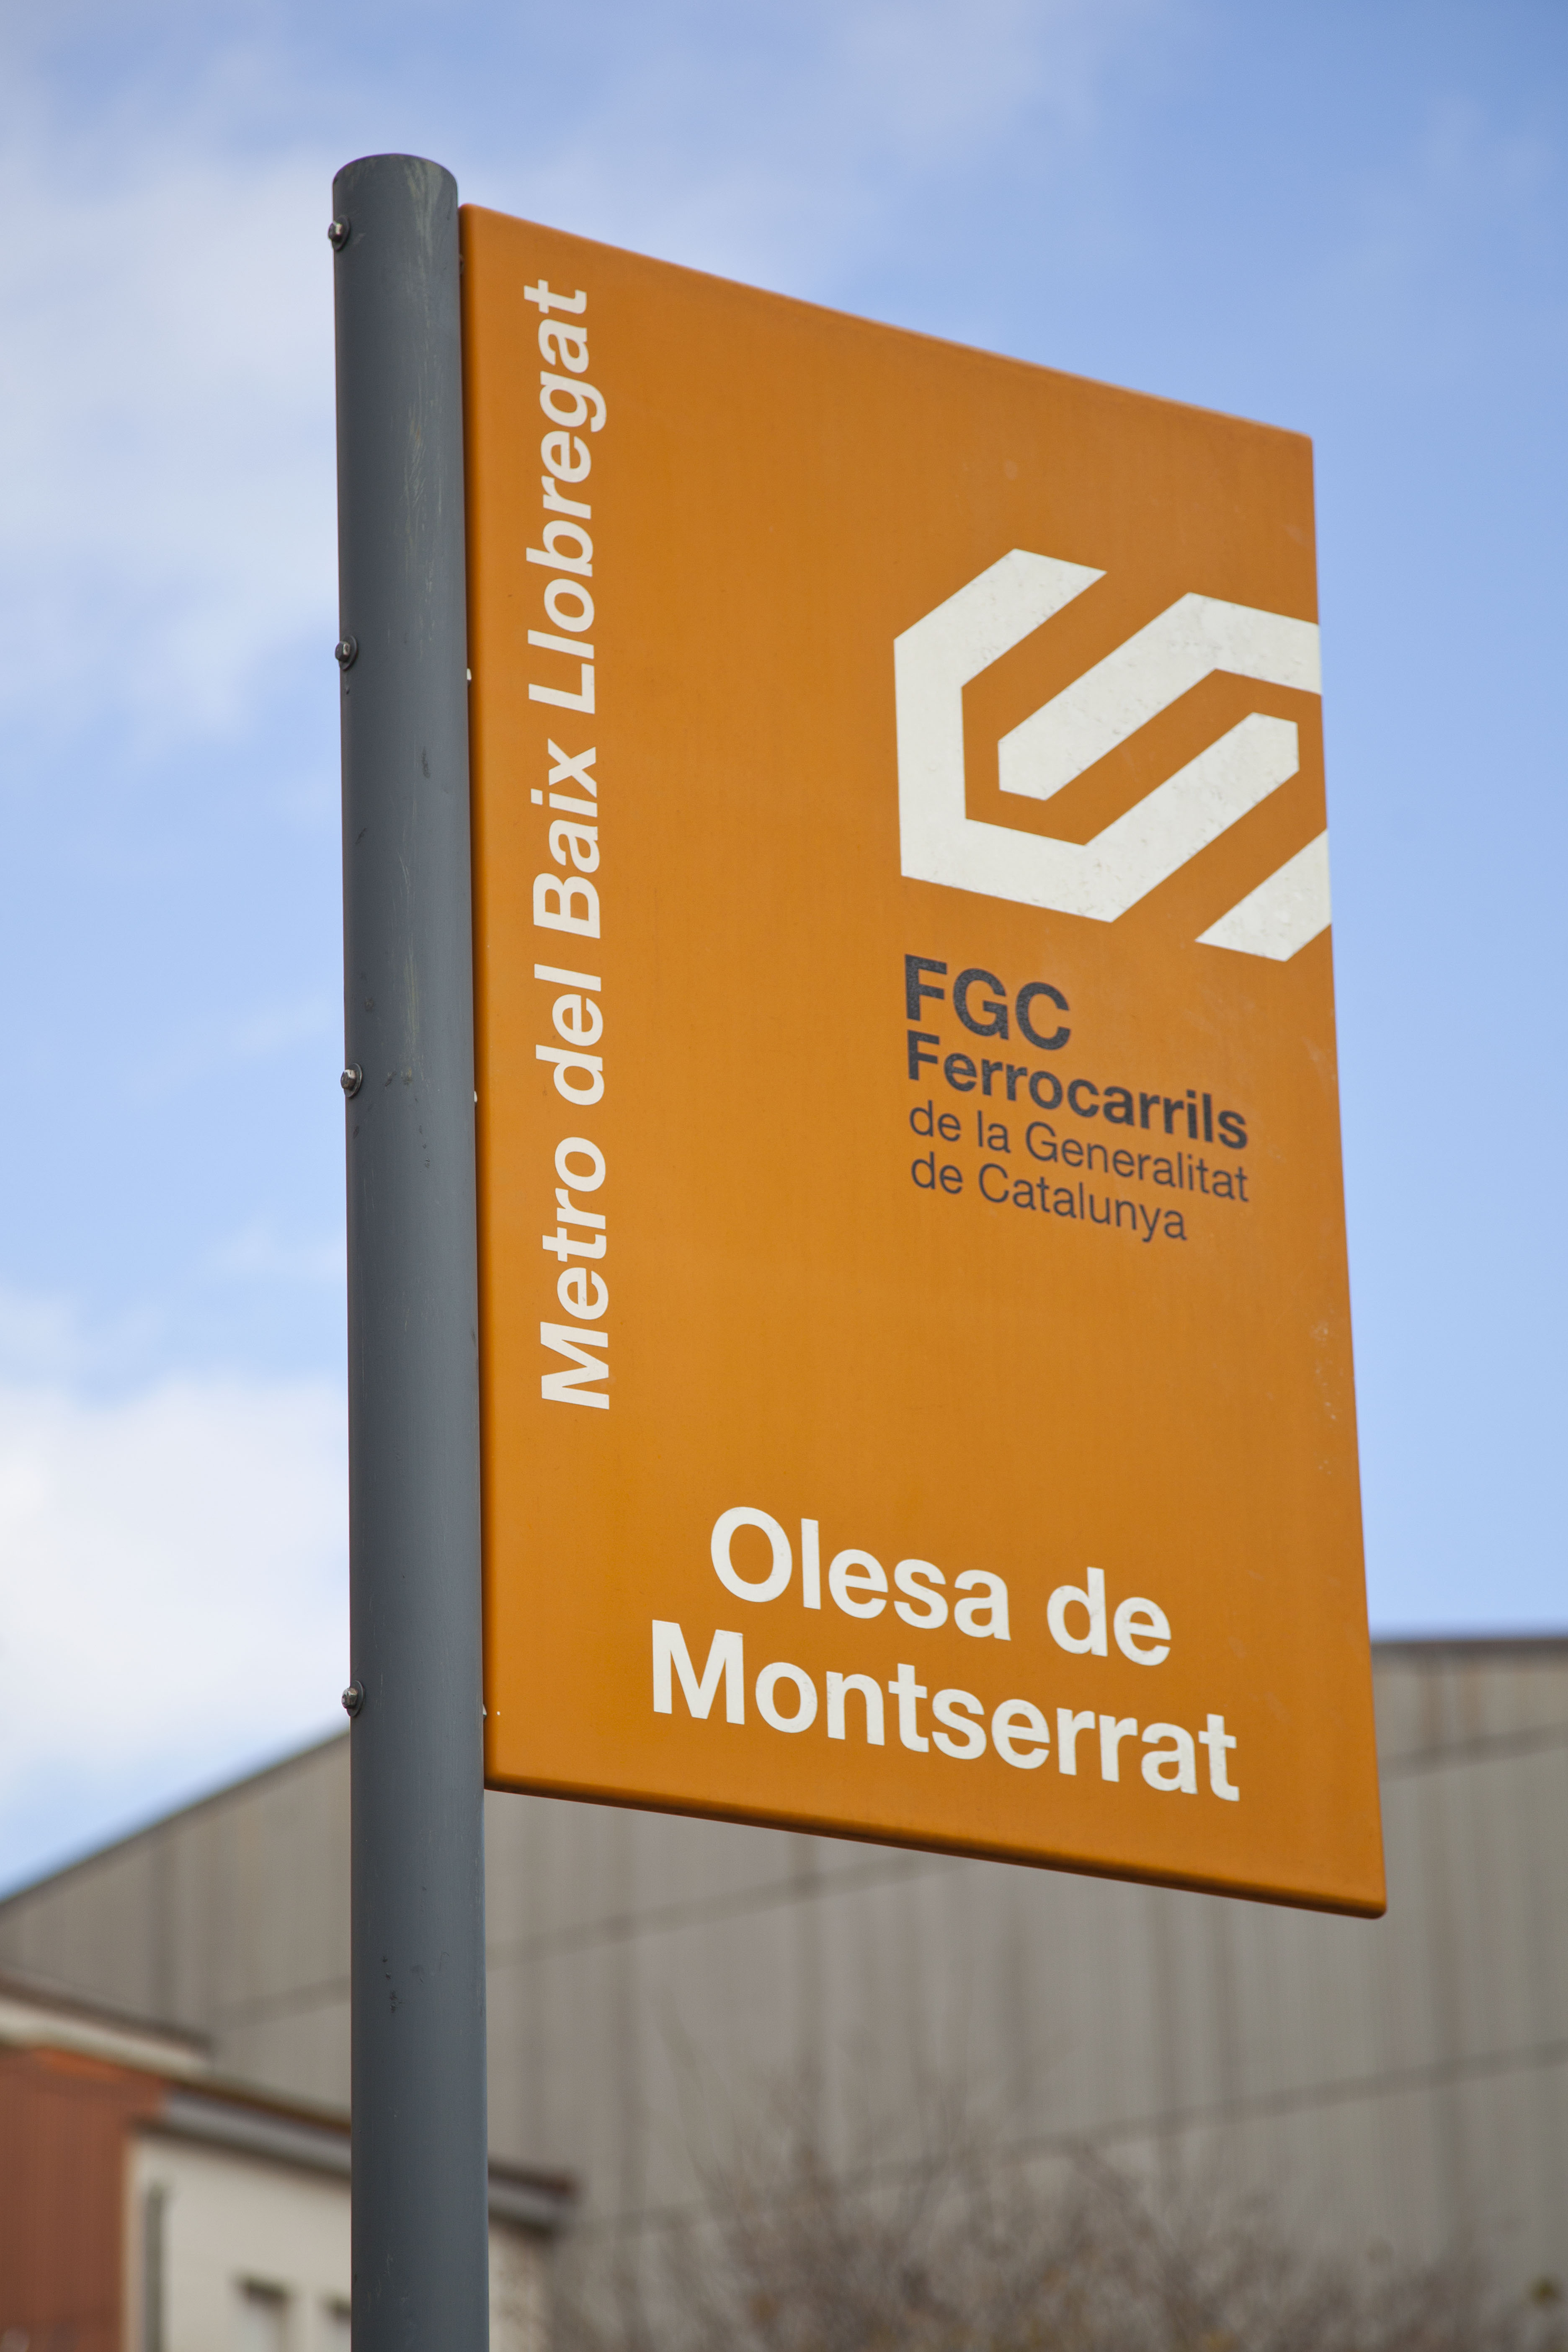 OLESA-DE-MONTSERRAT-FGC